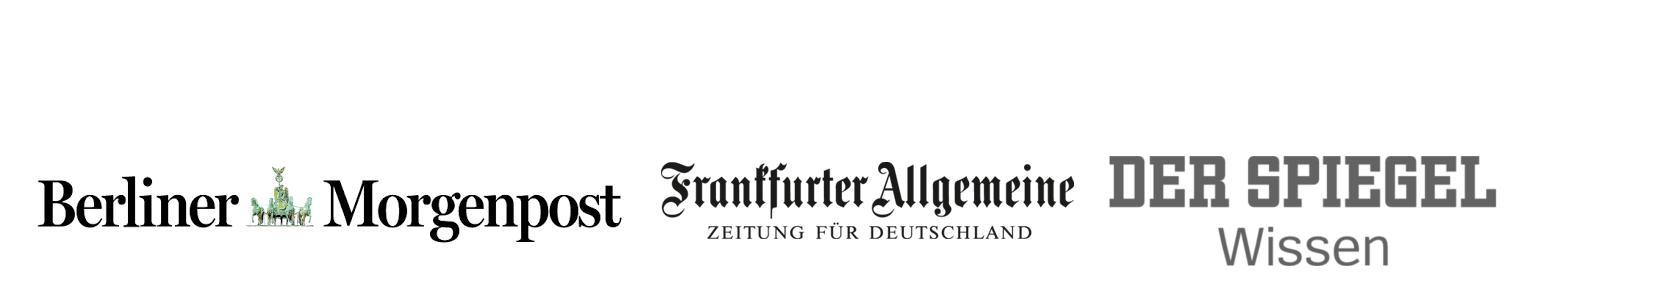 Bewerbungscoaching Mit Zufriedenheitsgarantie In Berlin Via Skype